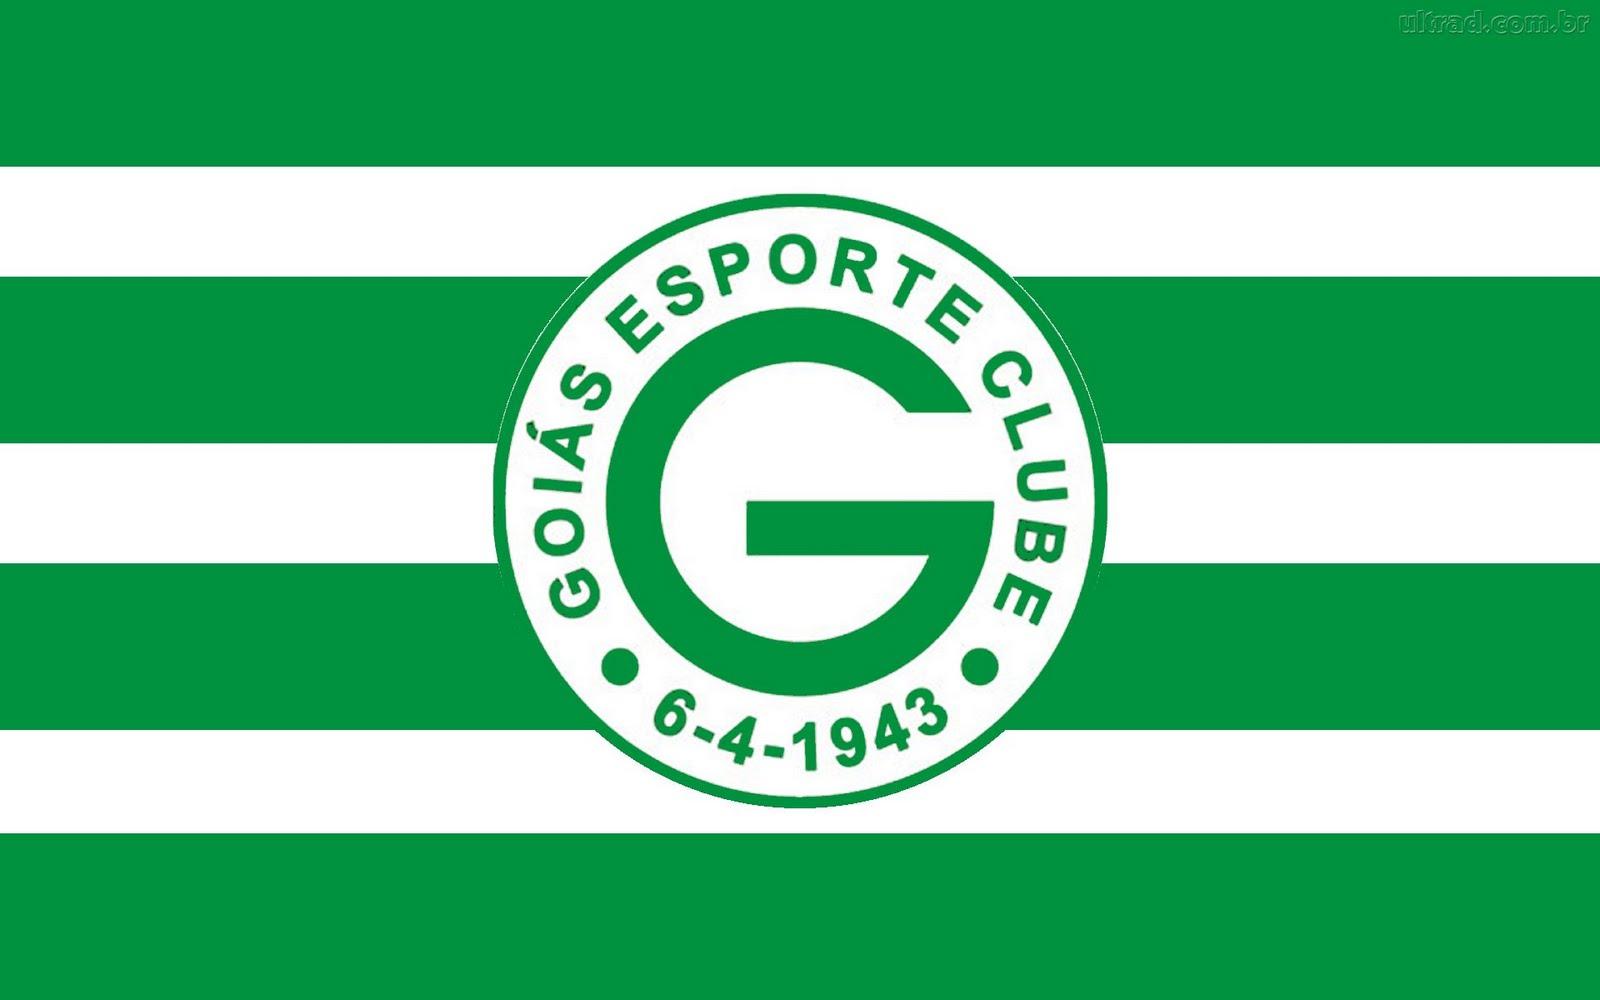 Esporte Tileable Papel De Parede Colorido: Papel De Parede Do Goiás Esporte Clube